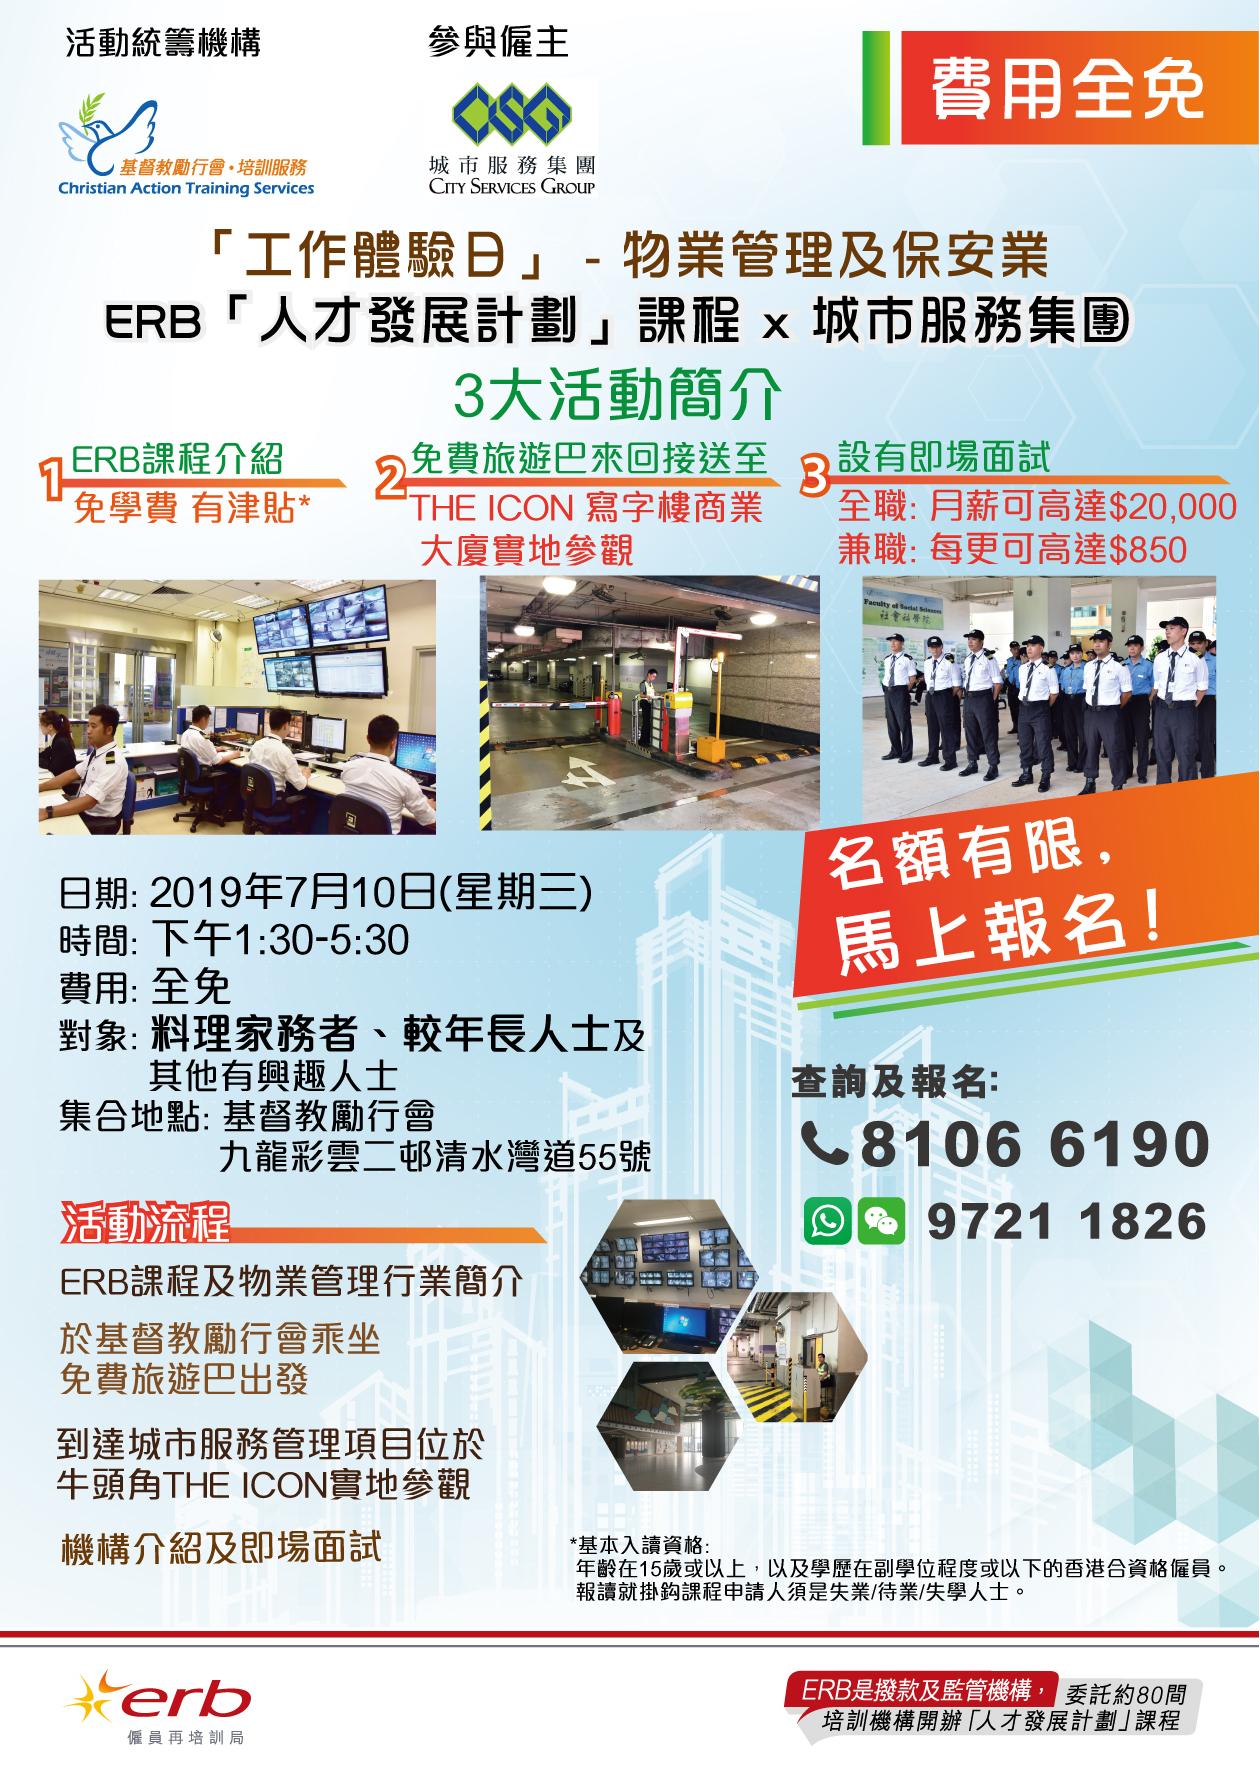 ERB「人才發展計劃」課程 x 城市服務集團